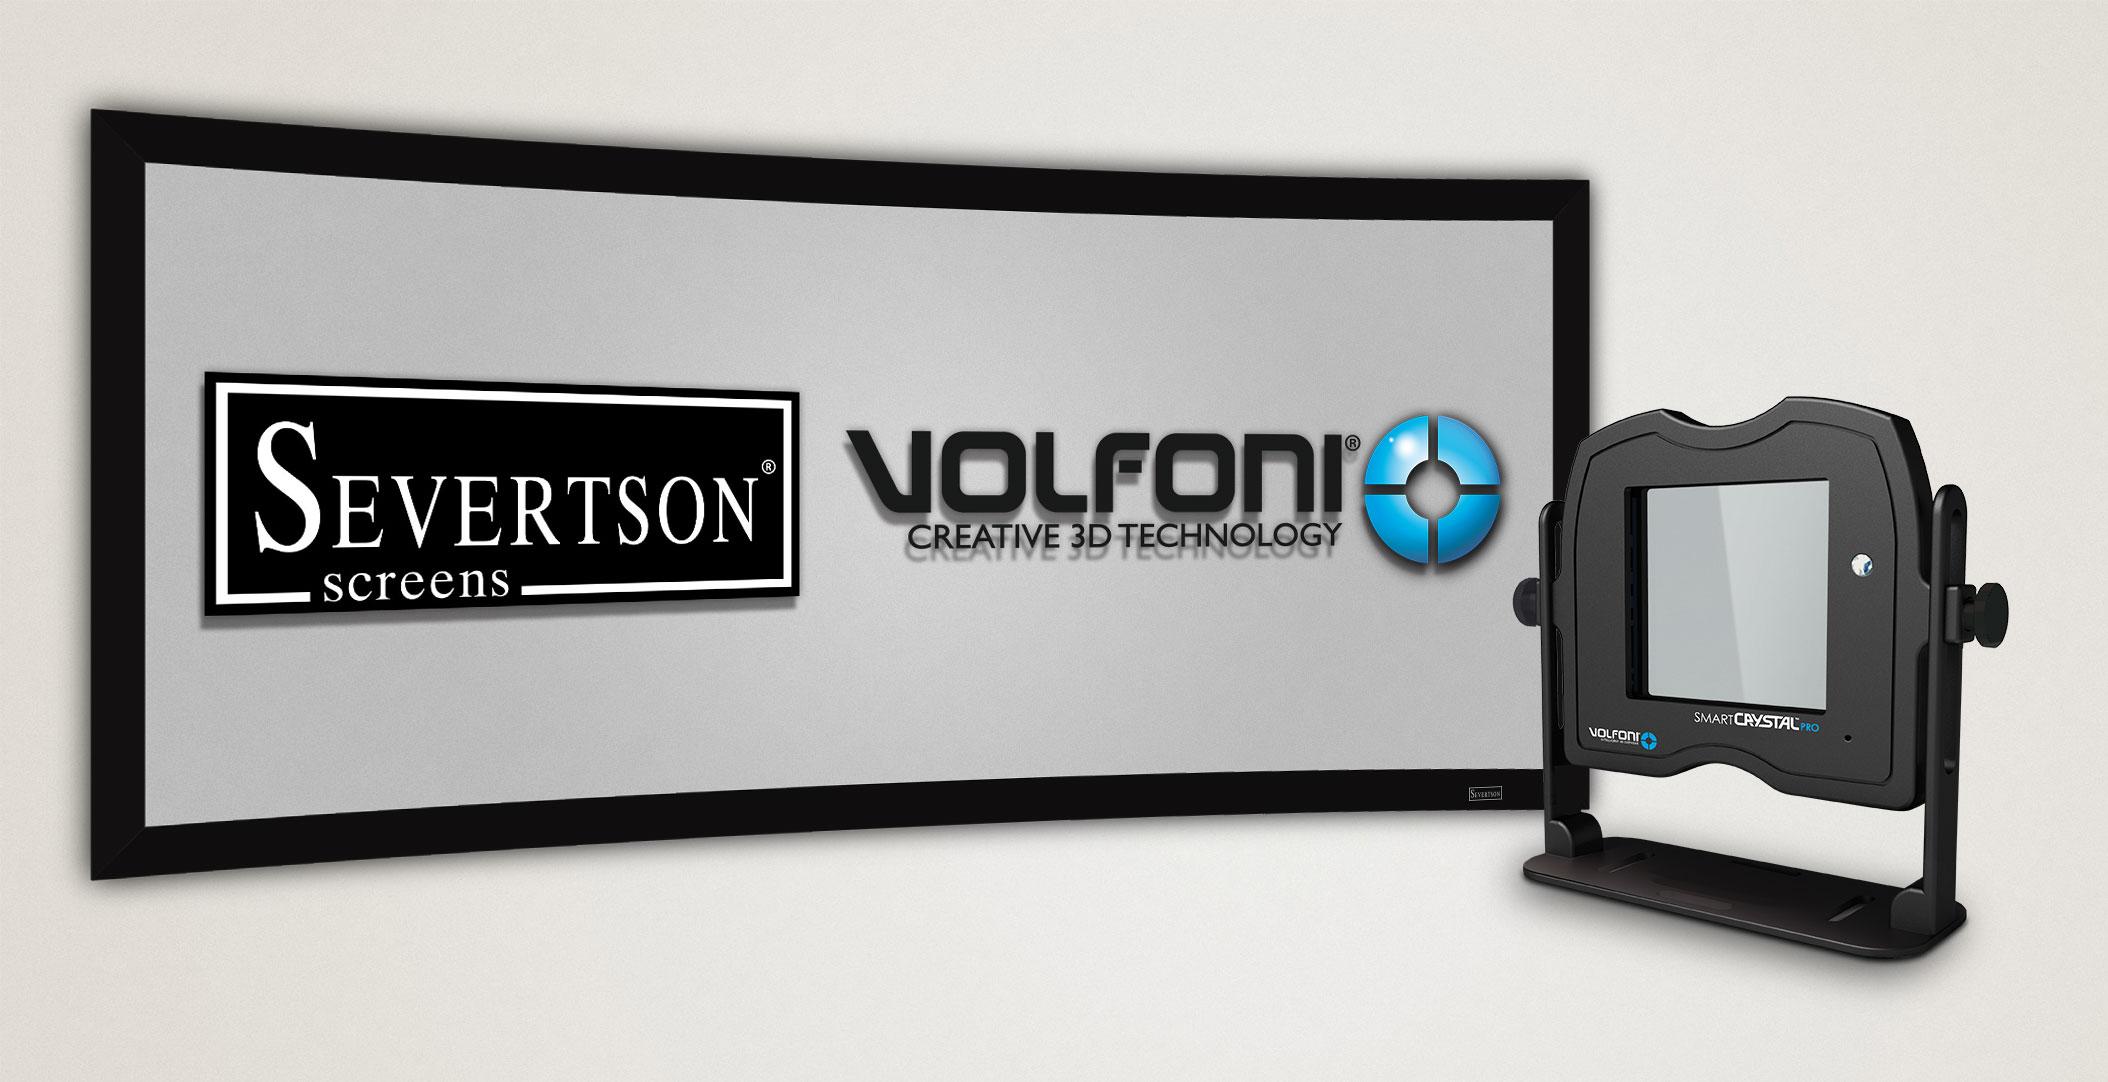 Severtson & Volfoni